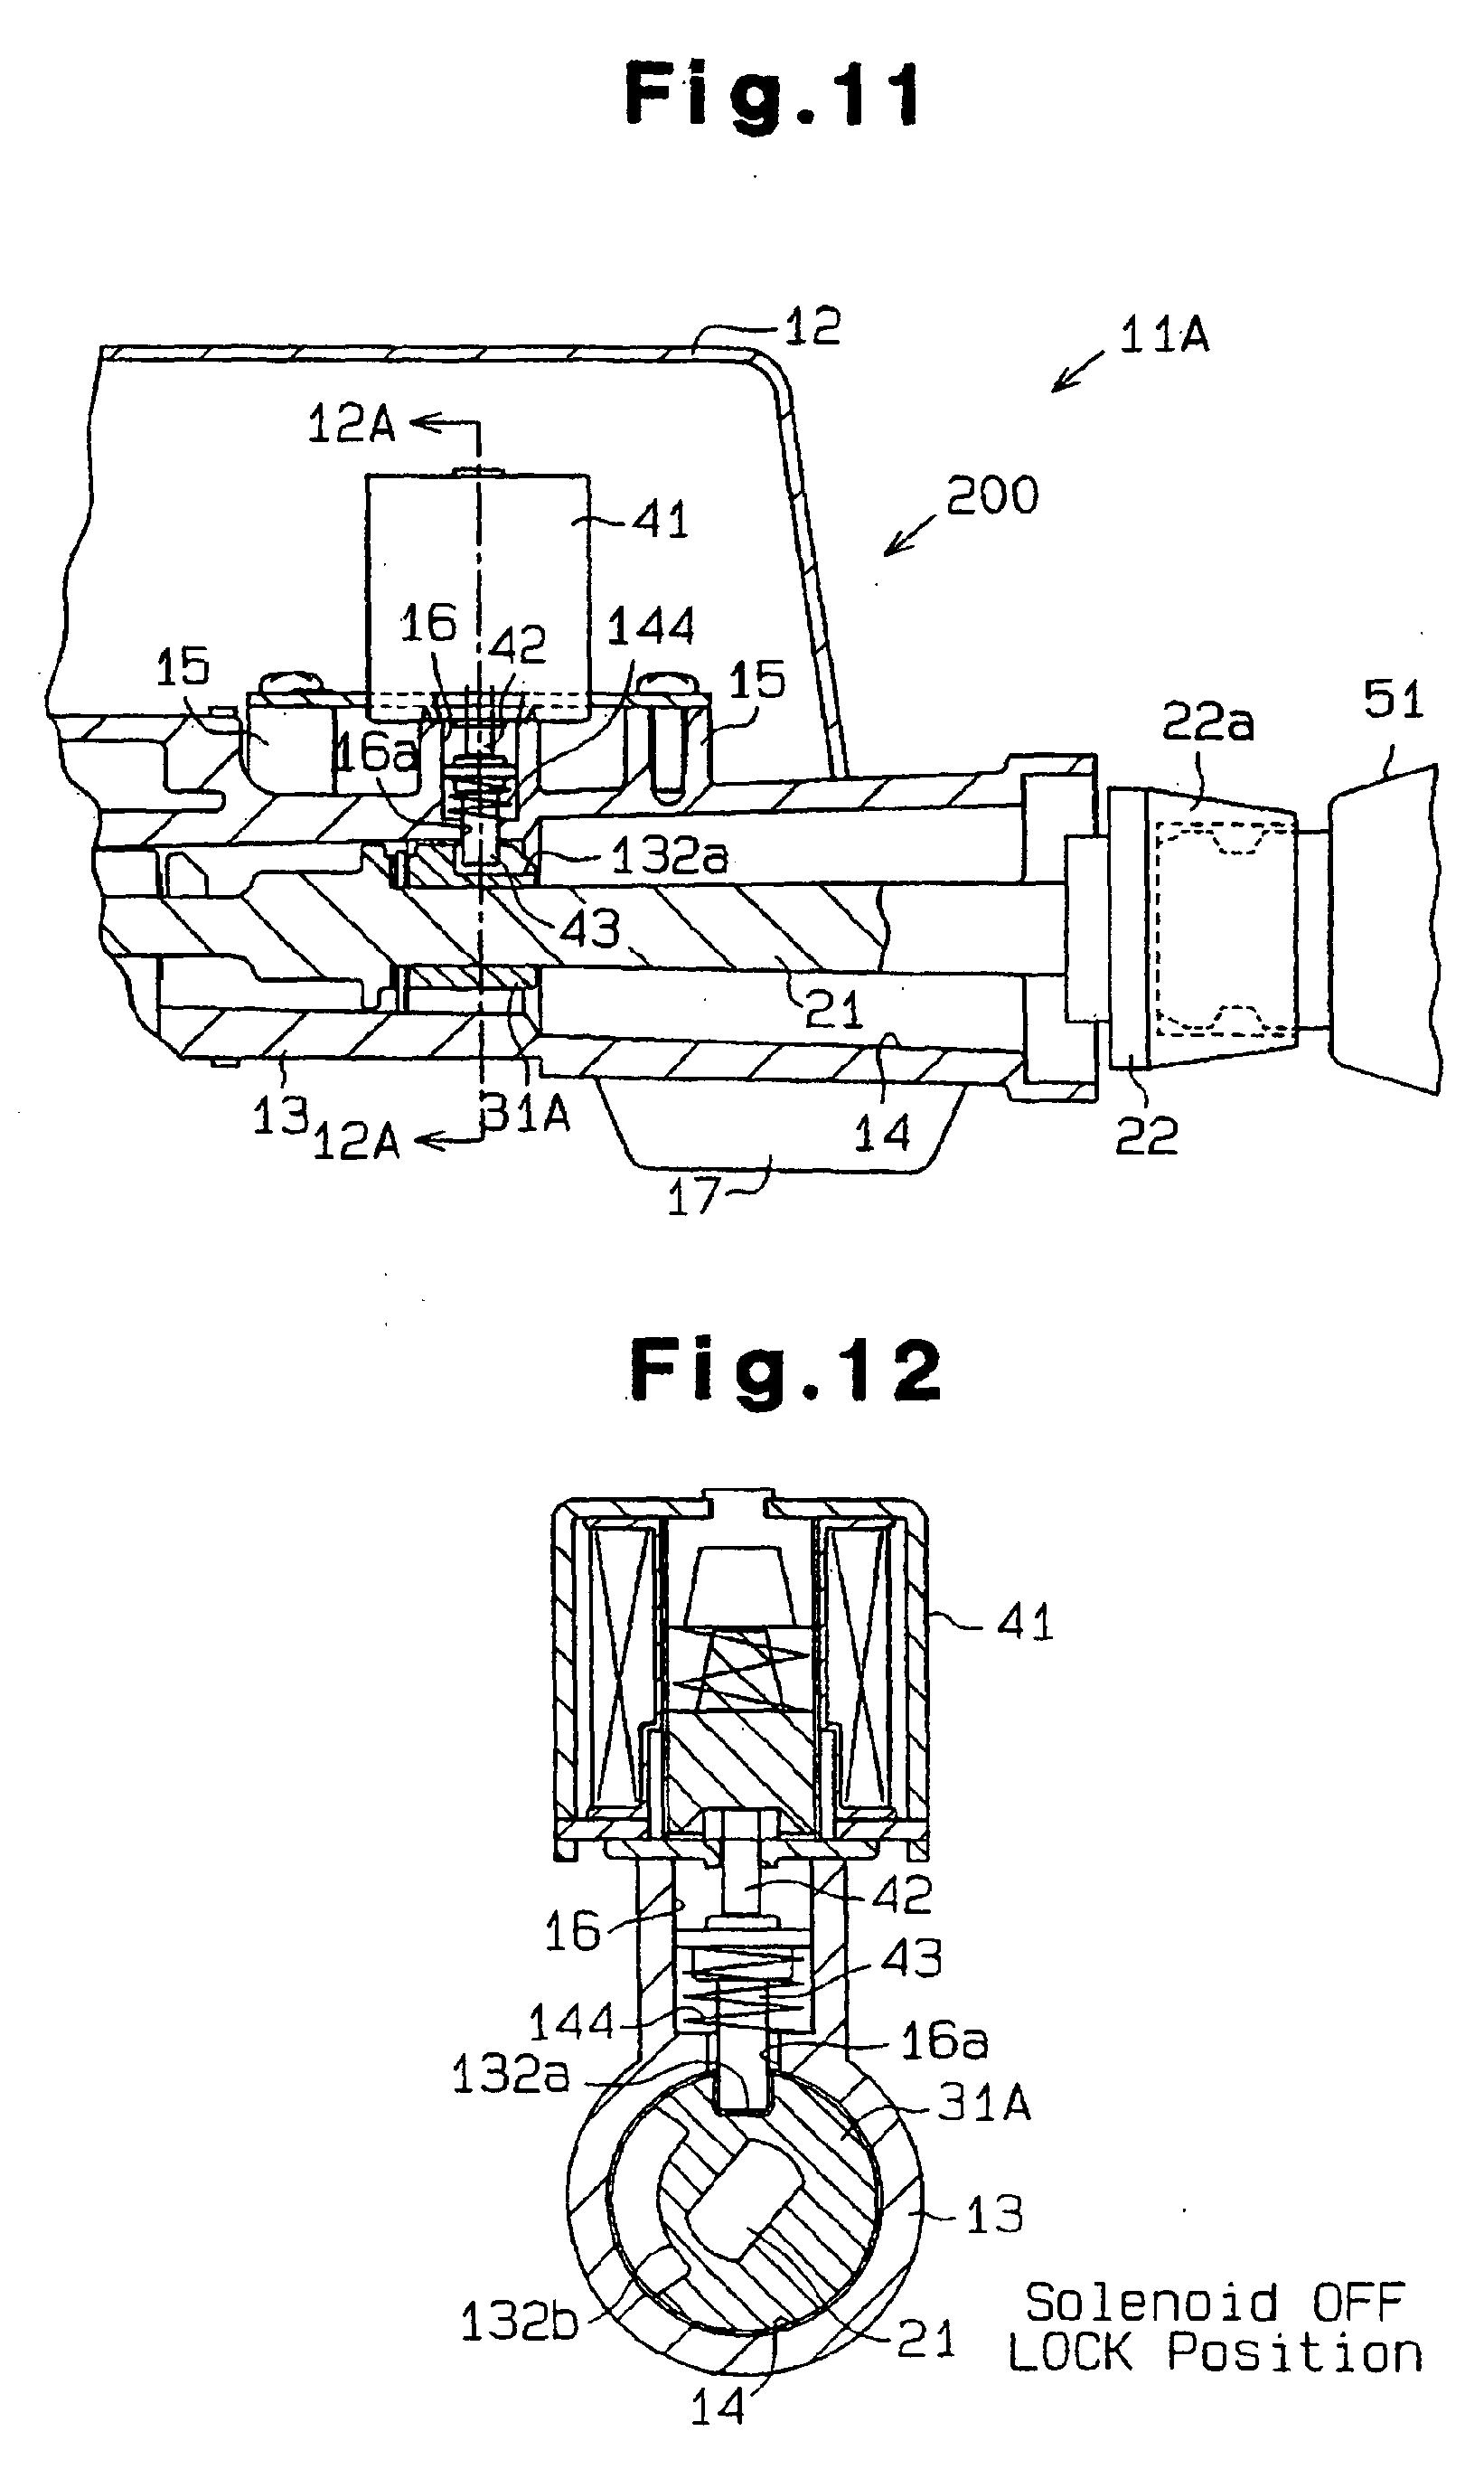 专利ep1378406b1 - apparatus